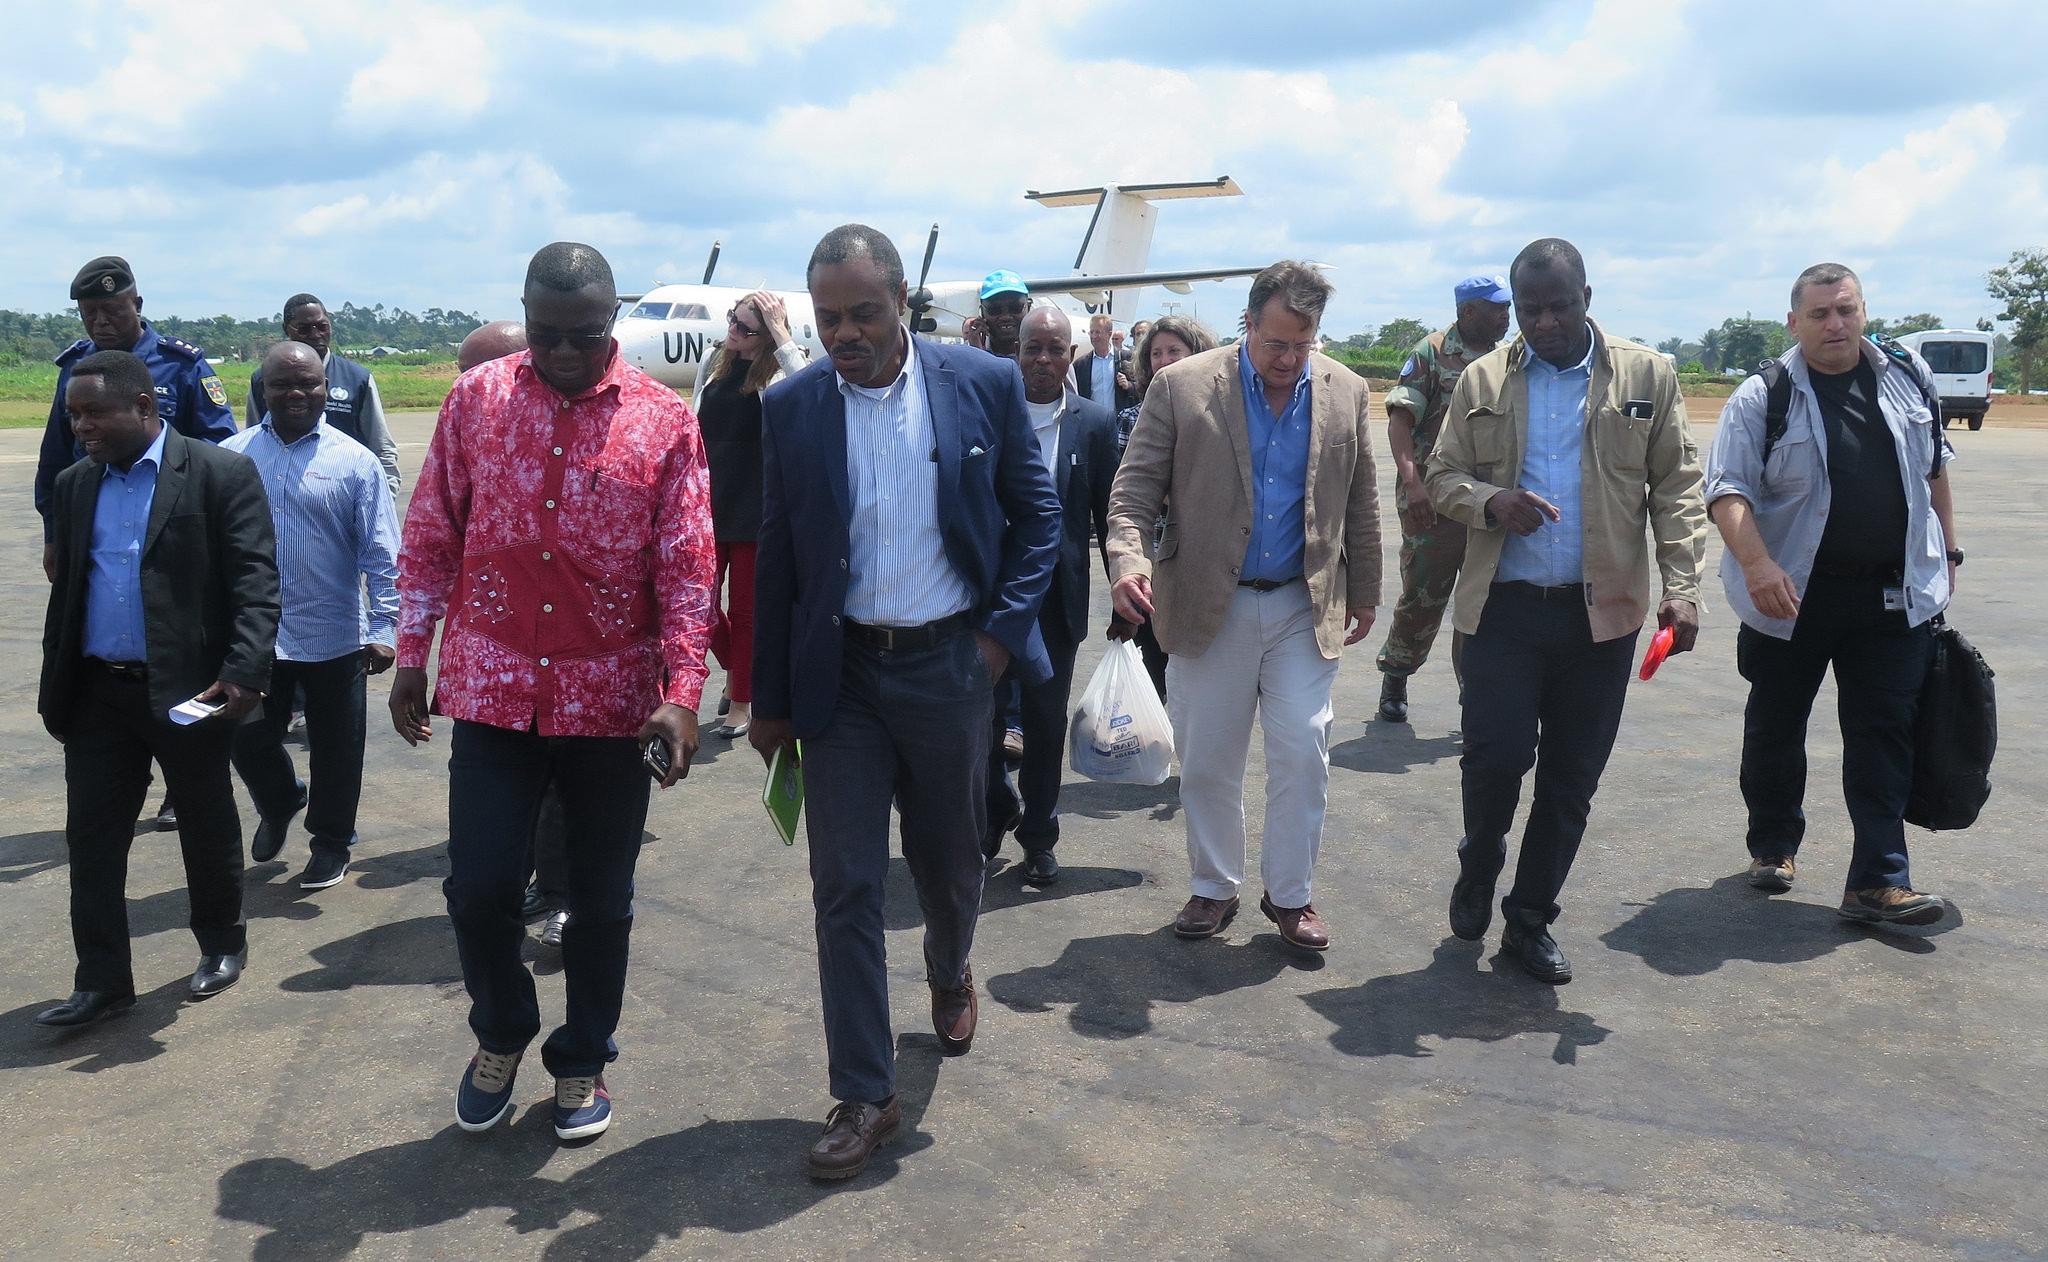 Il ministro della salute della               Repubblica Democratica del Congo Oly Ilunga Kalenga               insieme agli amministratori locali accolgono una               delegazione ONU a Beni, nella provincia del Nord Kivu,               il 2 agosto 2018, dove è stata dichiarata una               nuova epidemia di Ebola.